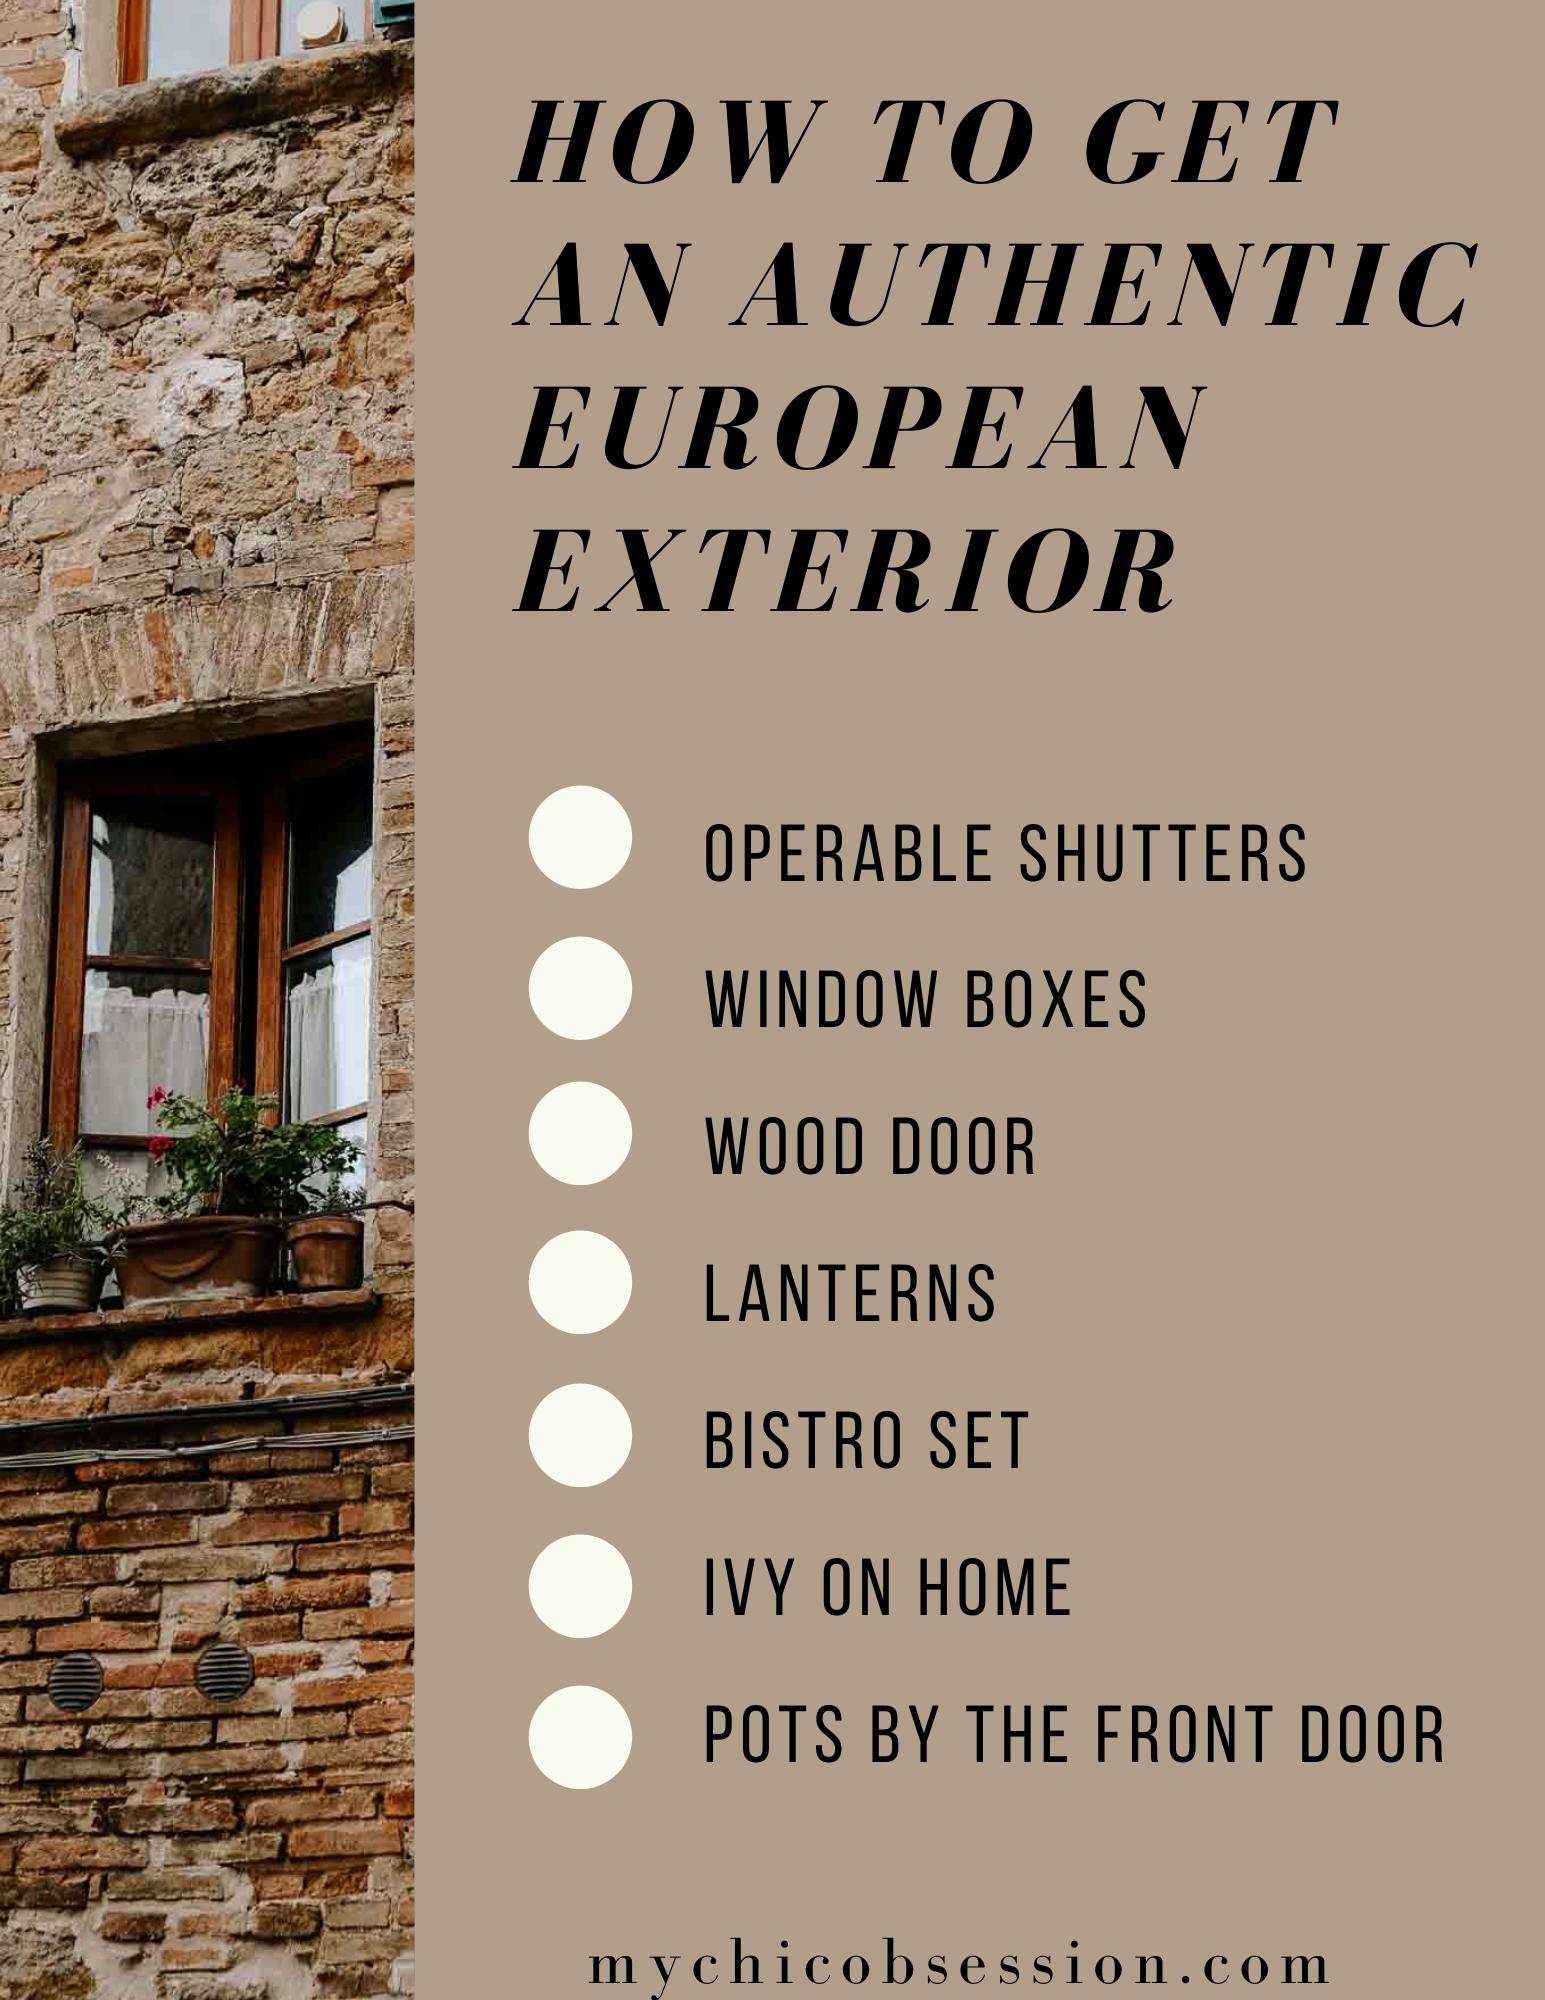 authentic european exterior